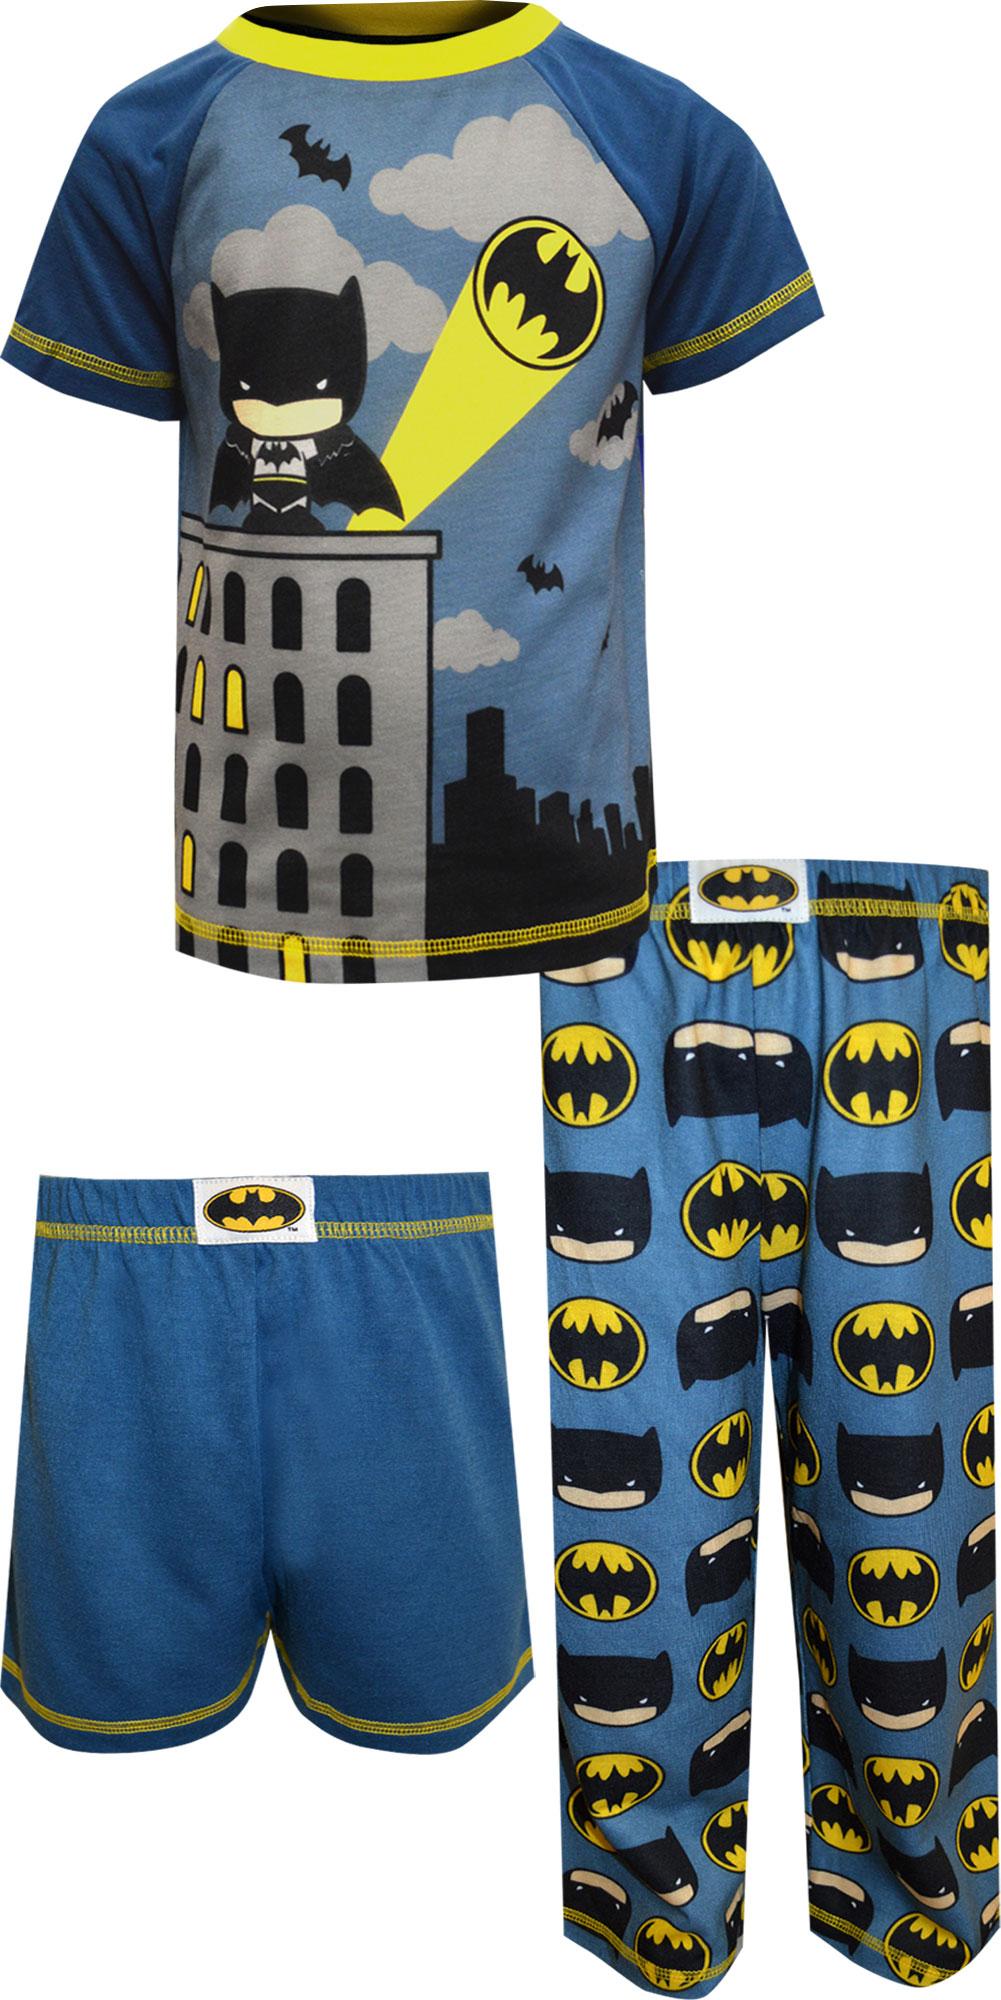 Image of DC Comics Batman Toddler 3 Piece Pajamas for boys